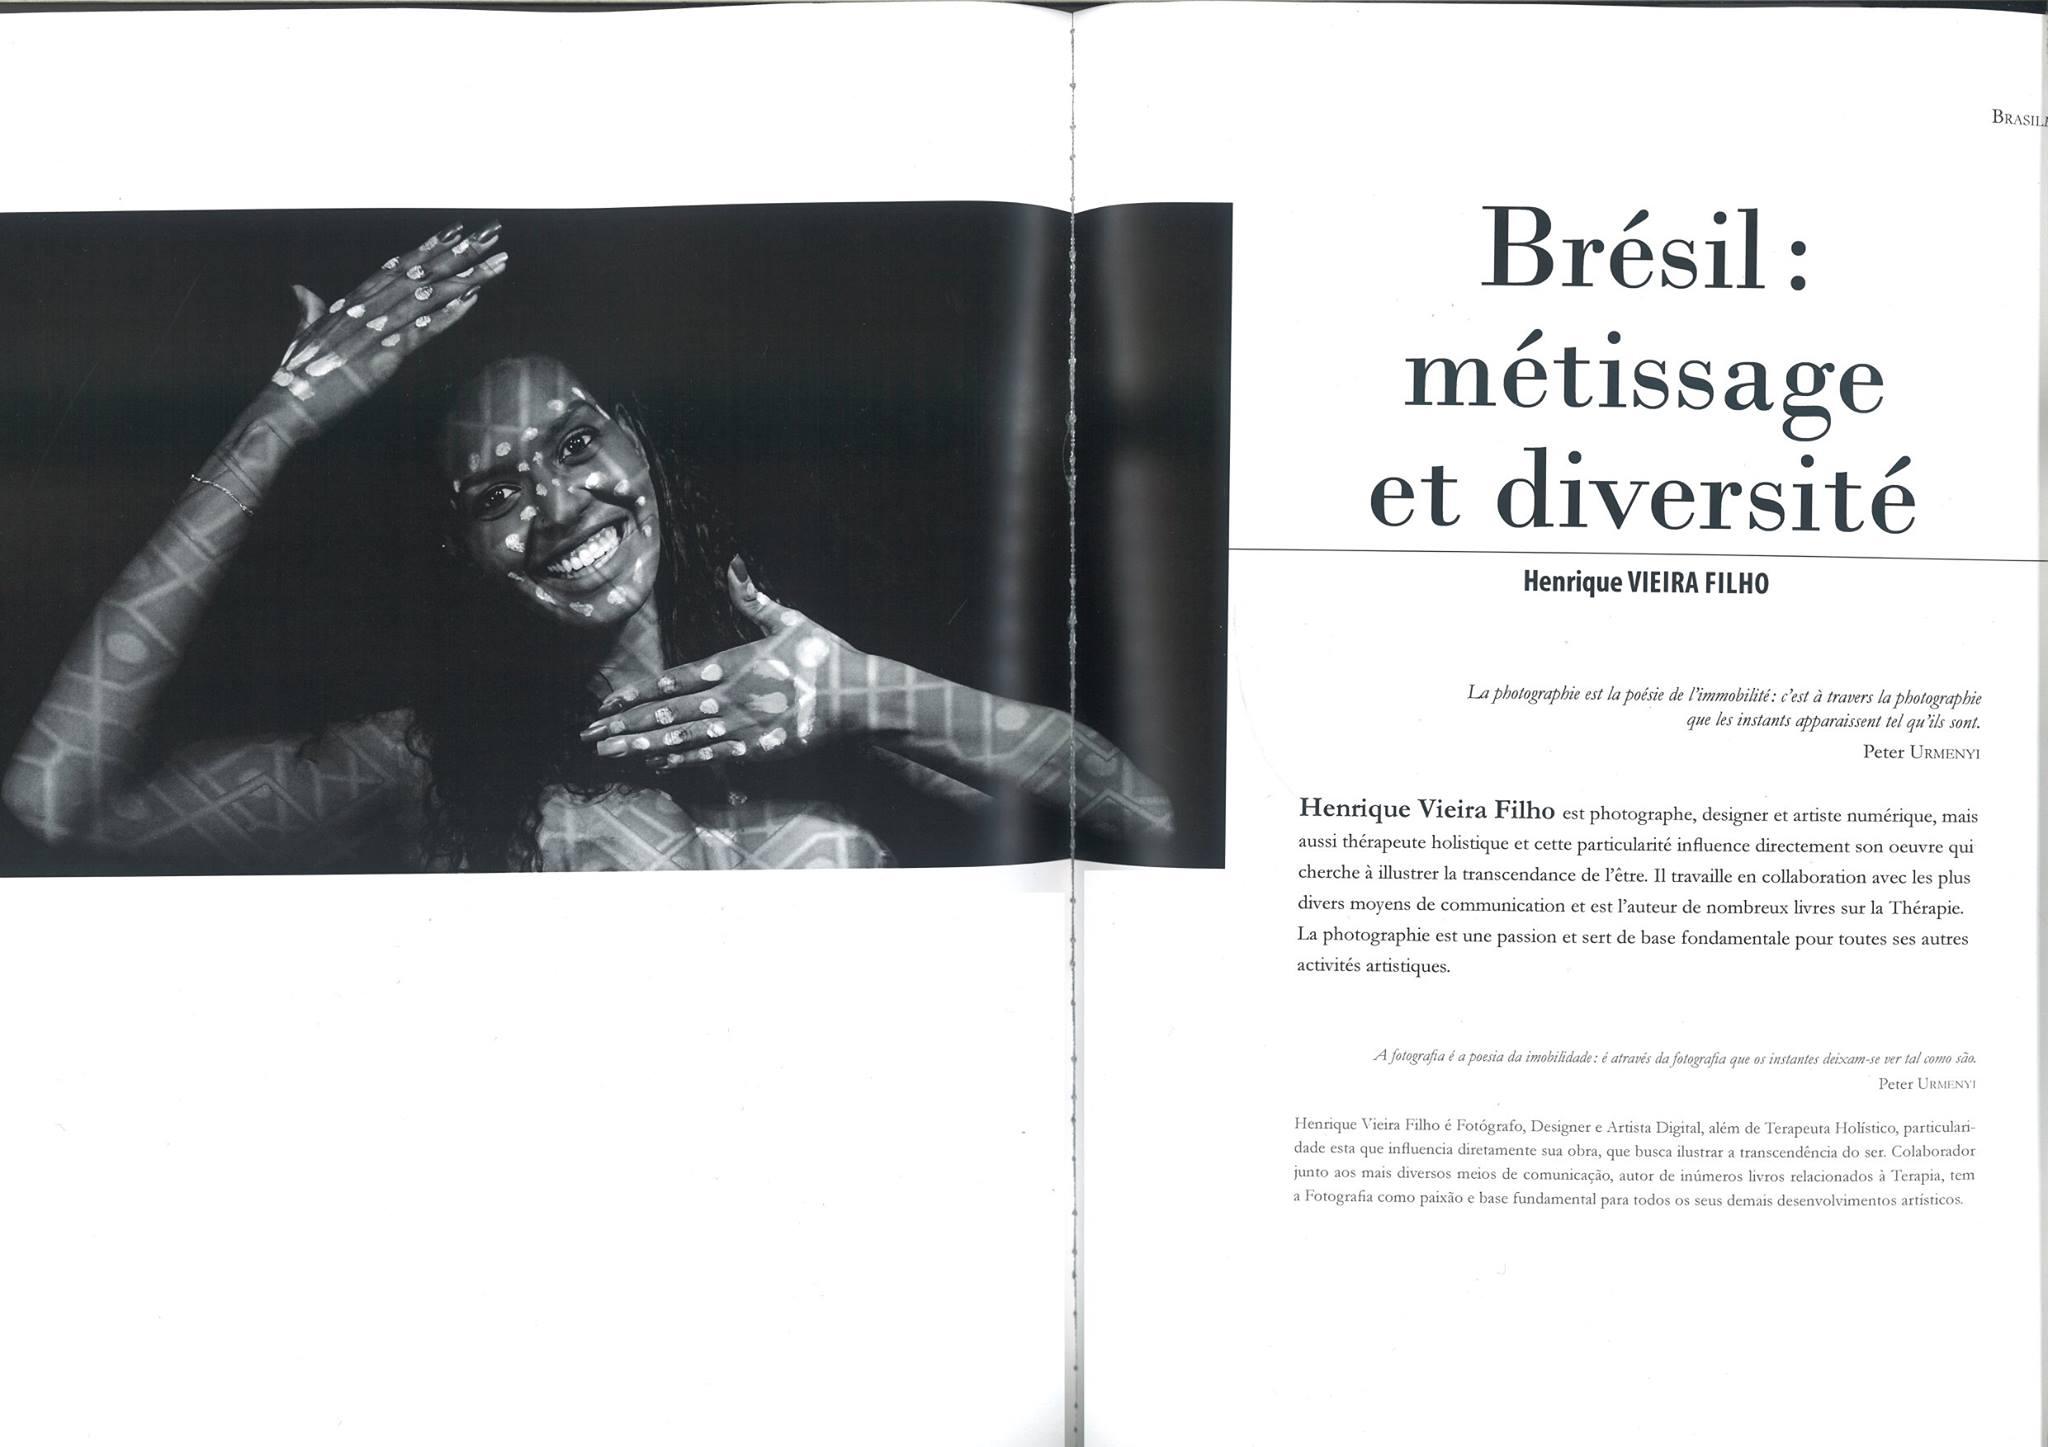 """livro """"Les Brésiliens vus par les Brésiliens"""" (Os Brasileiros vistos pelos Brasileiros)"""